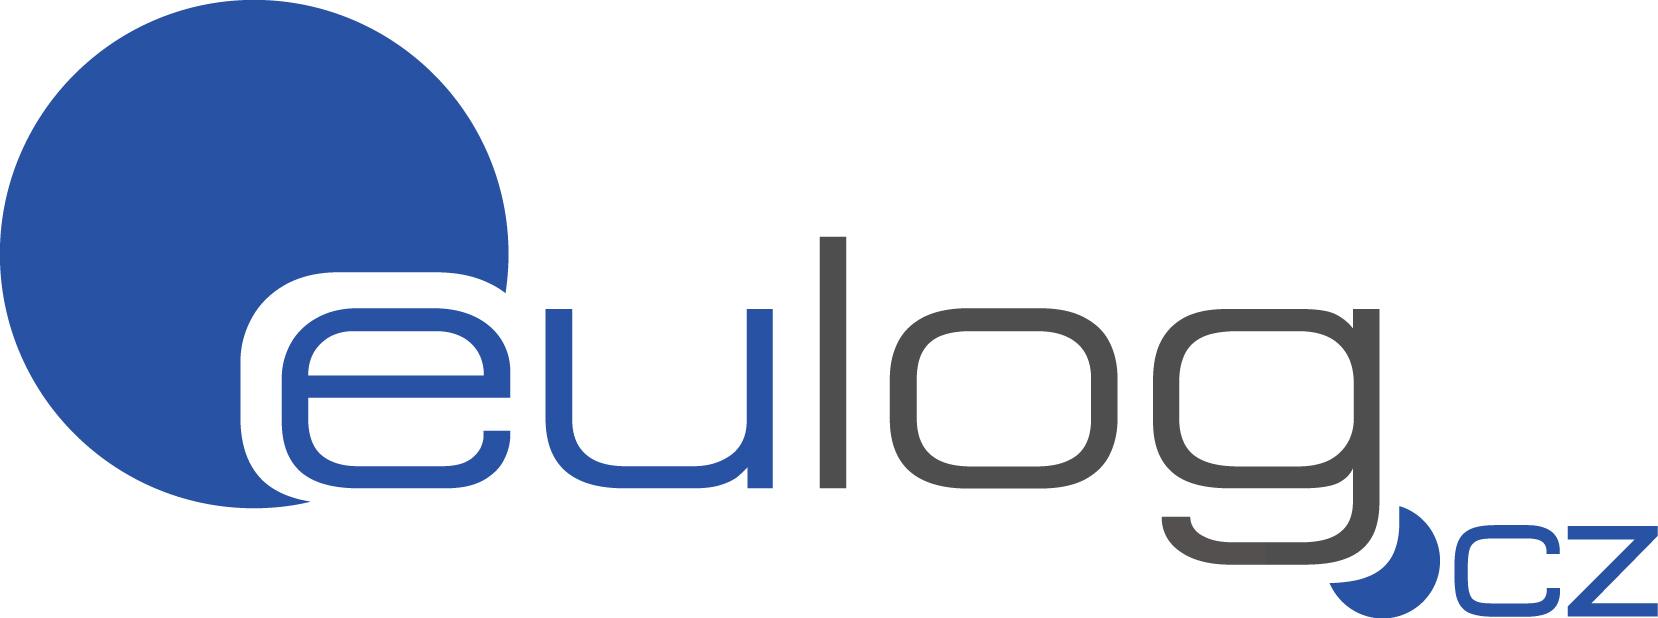 euLog.cz